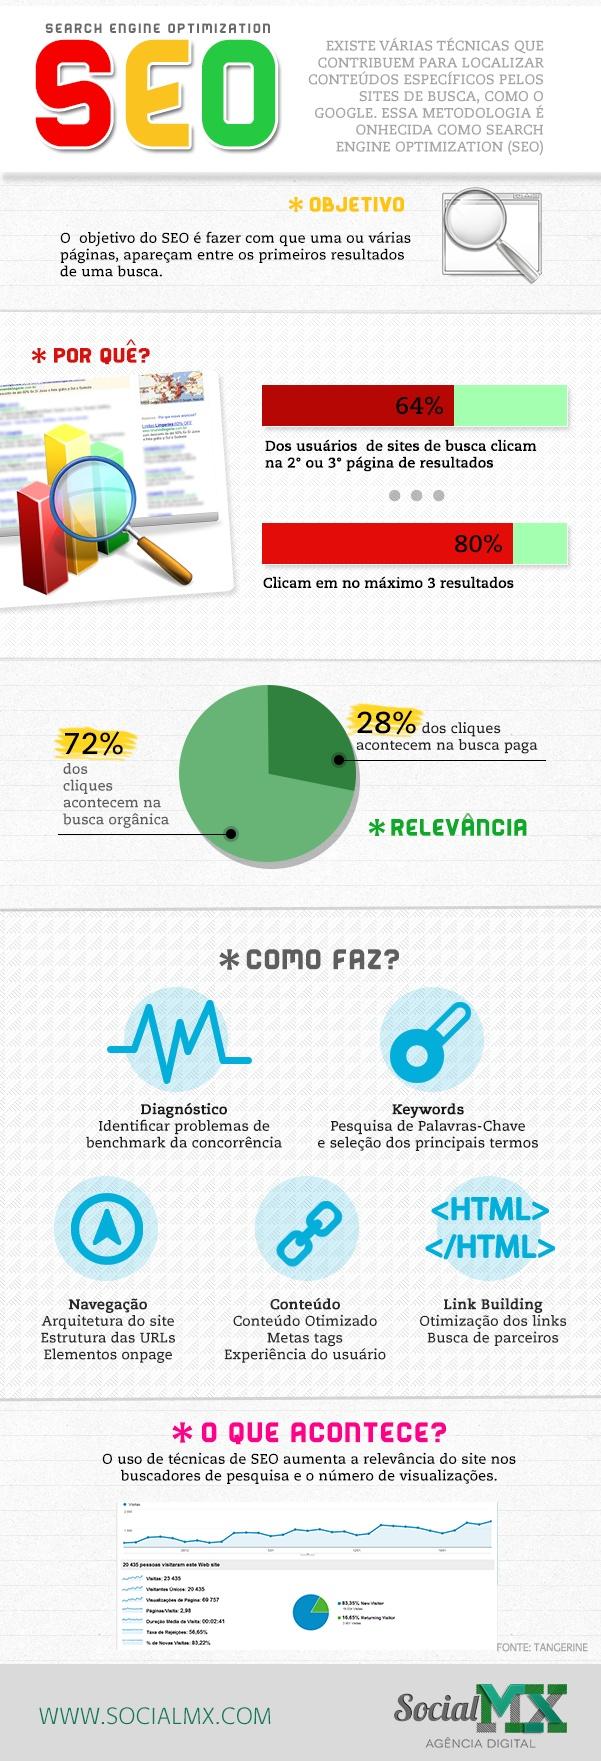 Entenda como é feito um trabalho de SEO.     Infográfico feito pela Agência Social MX